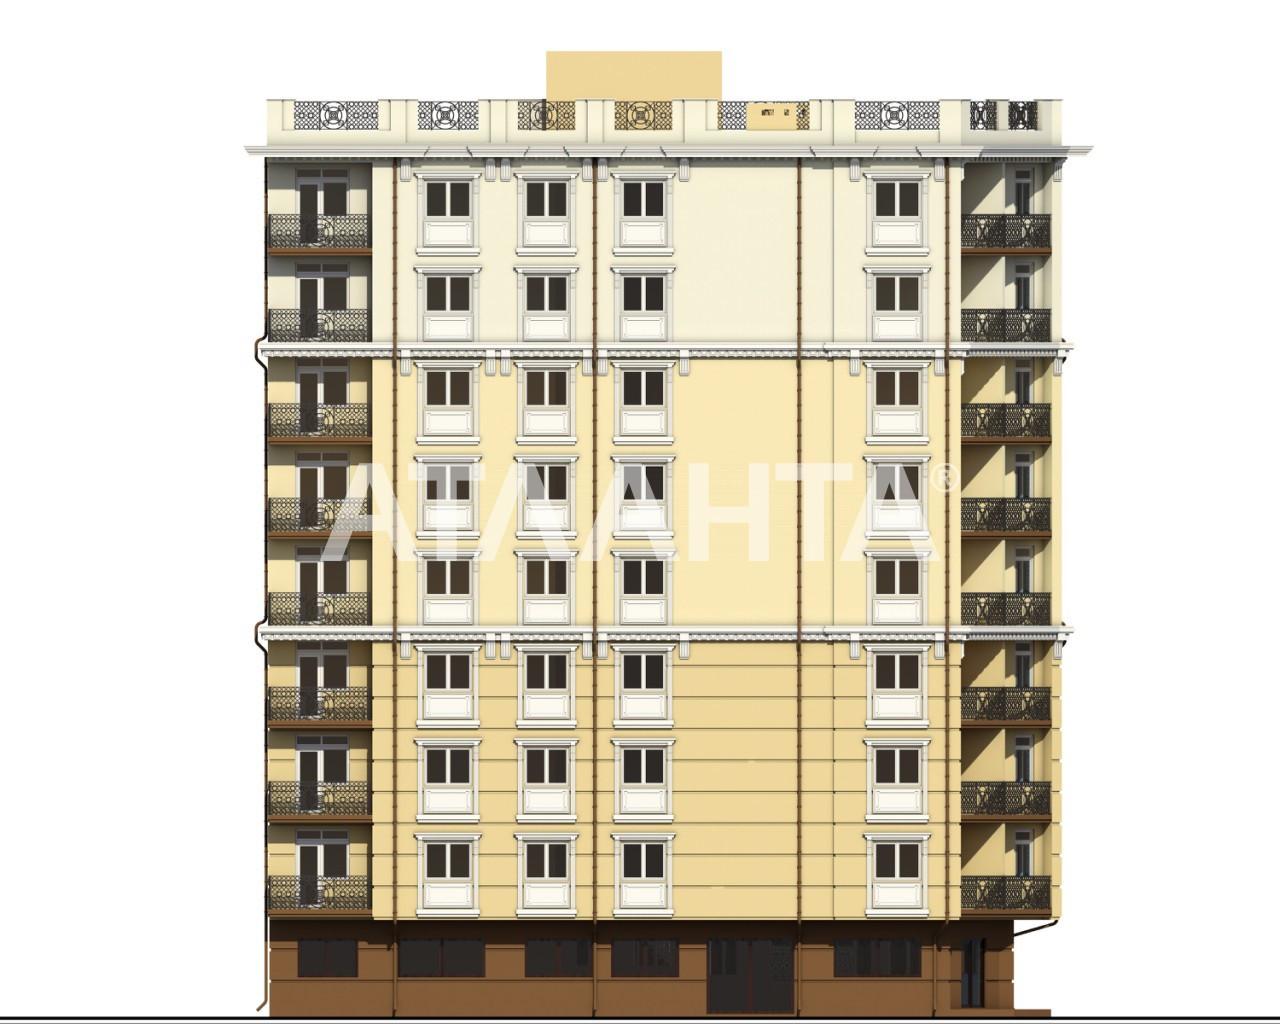 Продается 1-комнатная Квартира на ул. Новосельского (Островидова) — 54 290 у.е. (фото №3)